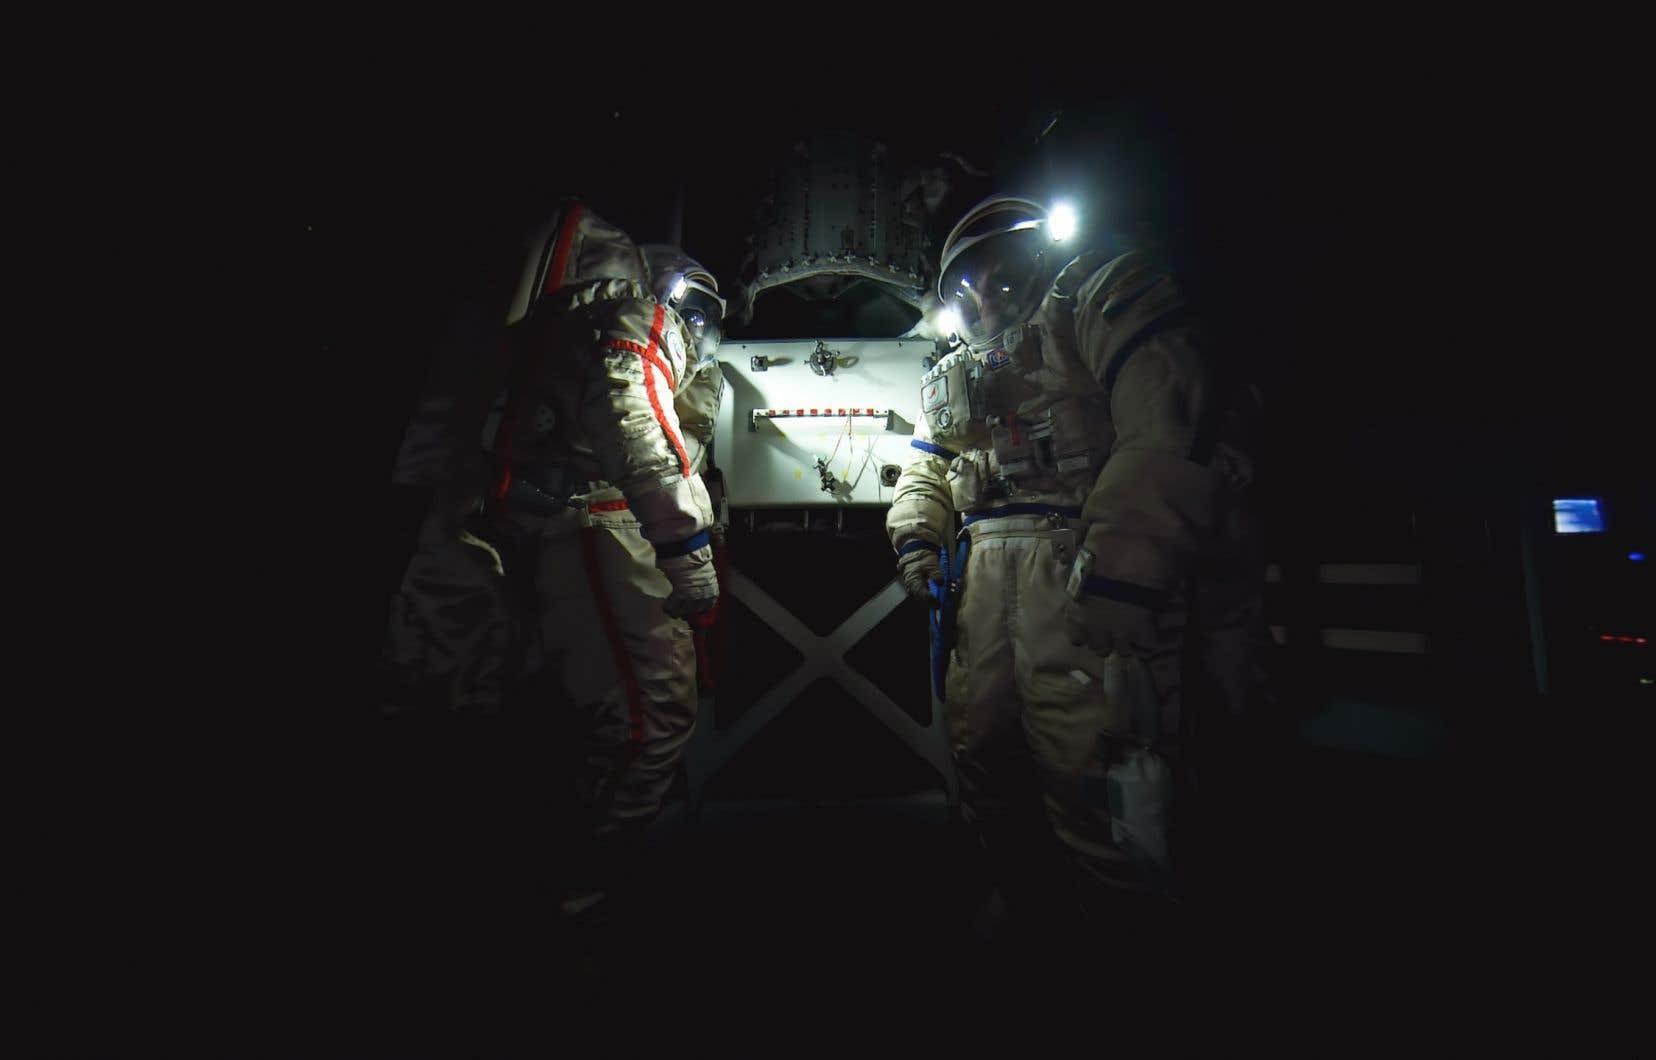 Image tirée du documentaire Space Explorers: Taking Flights, qui nous donne rendez-vous dans l'espace parmi les astronautes